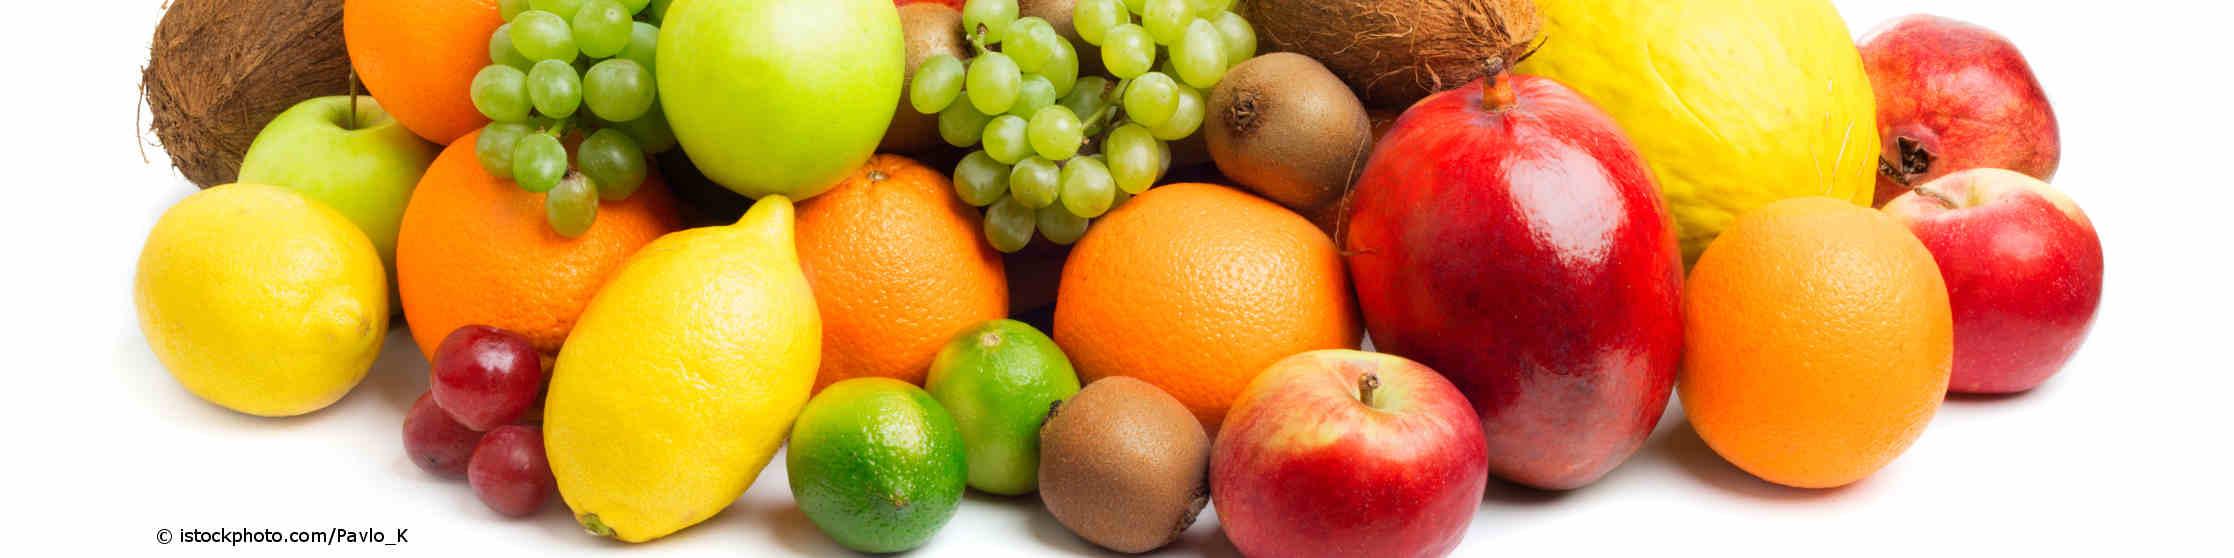 Zitronen, Limetten, Kiwi, Trauben, Äpfel und Apfelsinen stecken voller Vitamine.